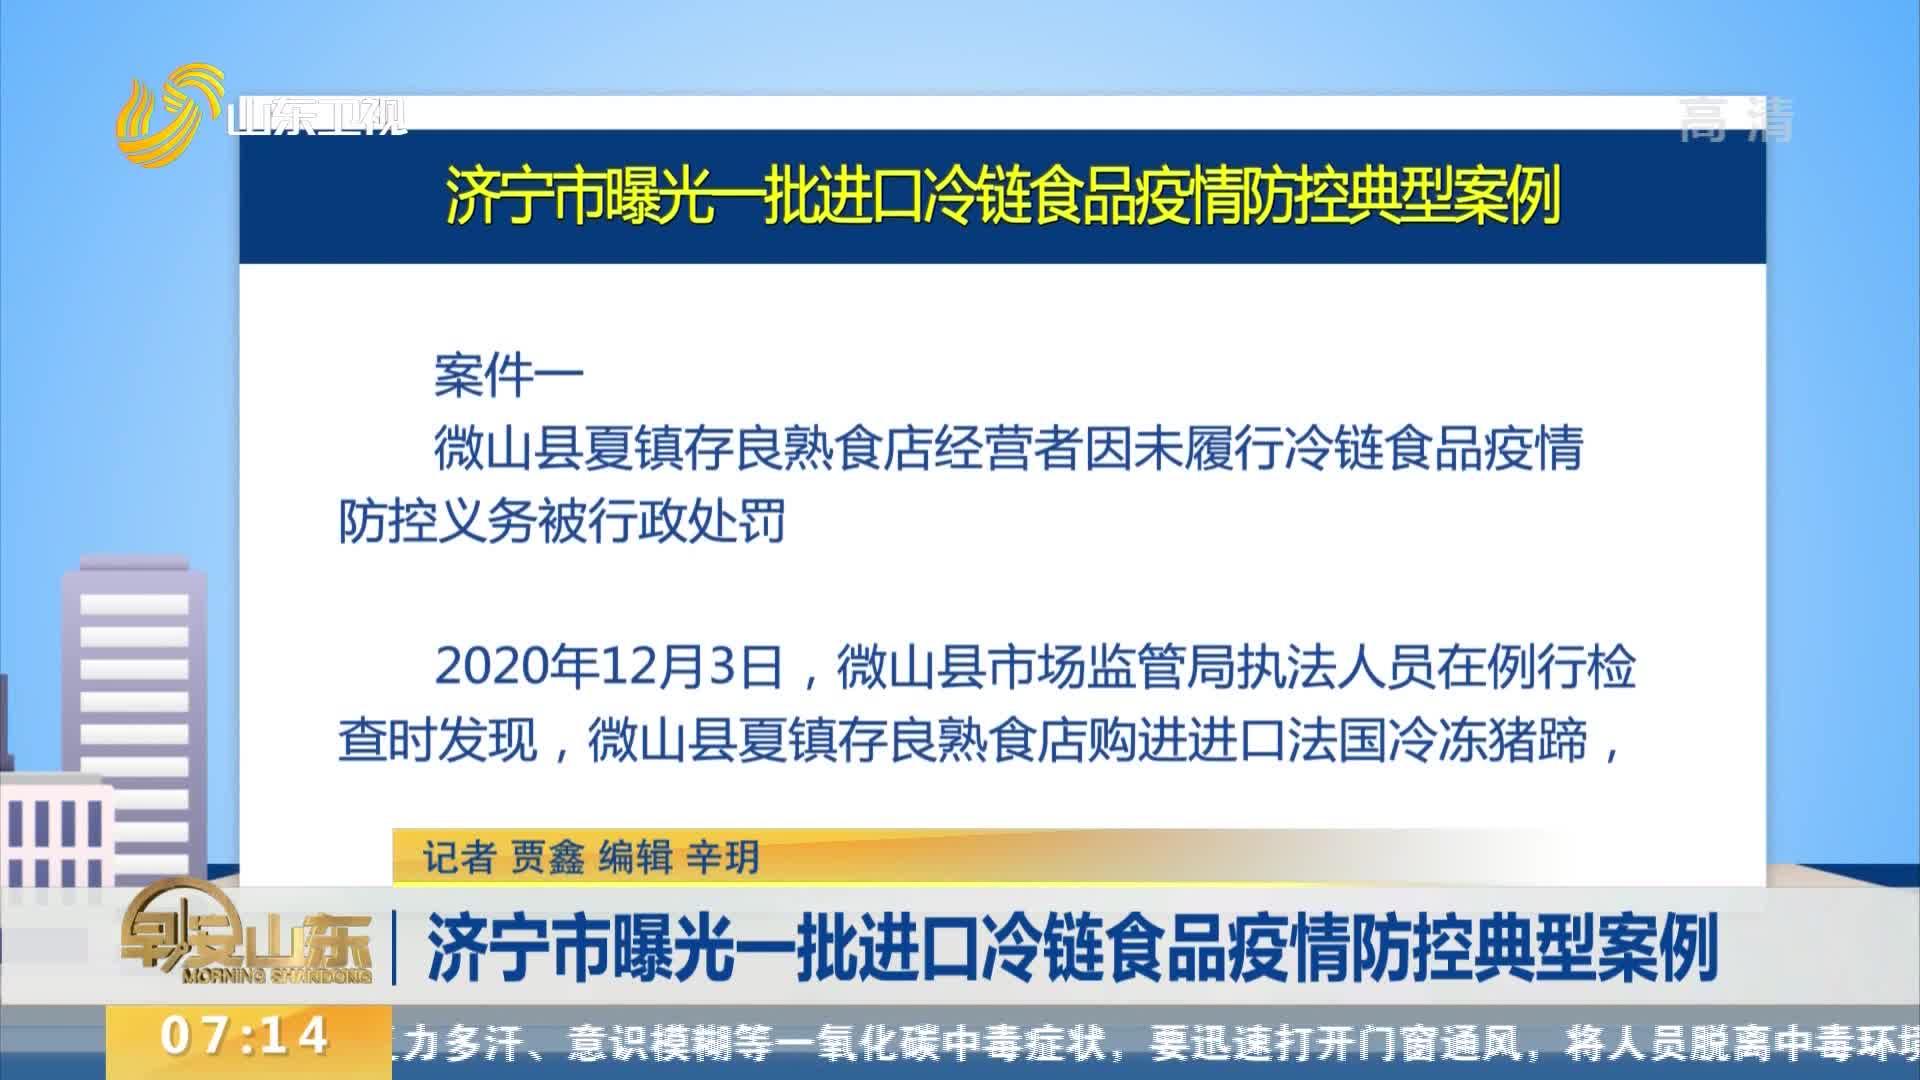 济宁市曝光一批进口冷链食品疫情防控典型案例